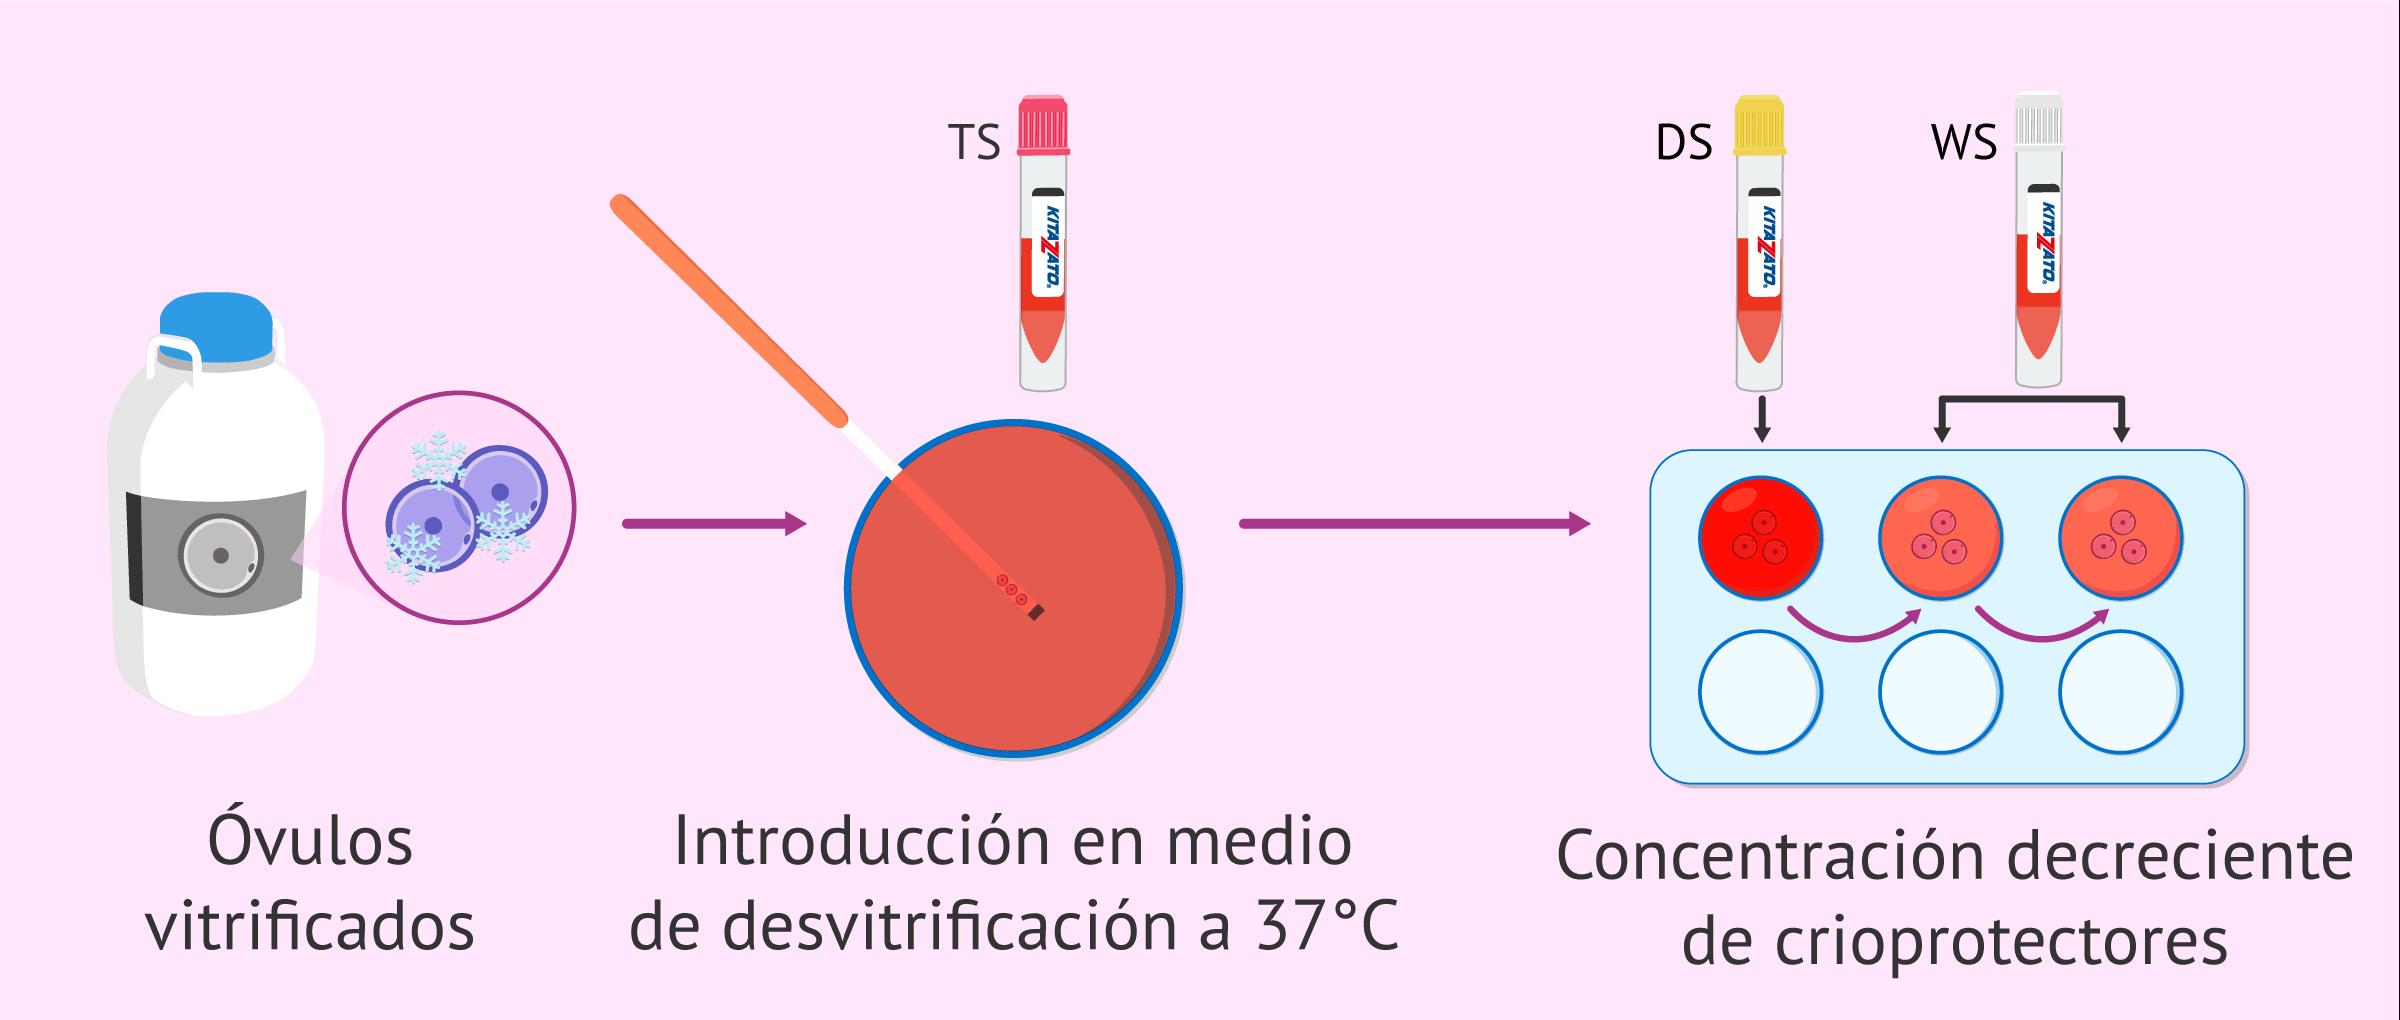 Proceso de desvitrificación de los óvulos